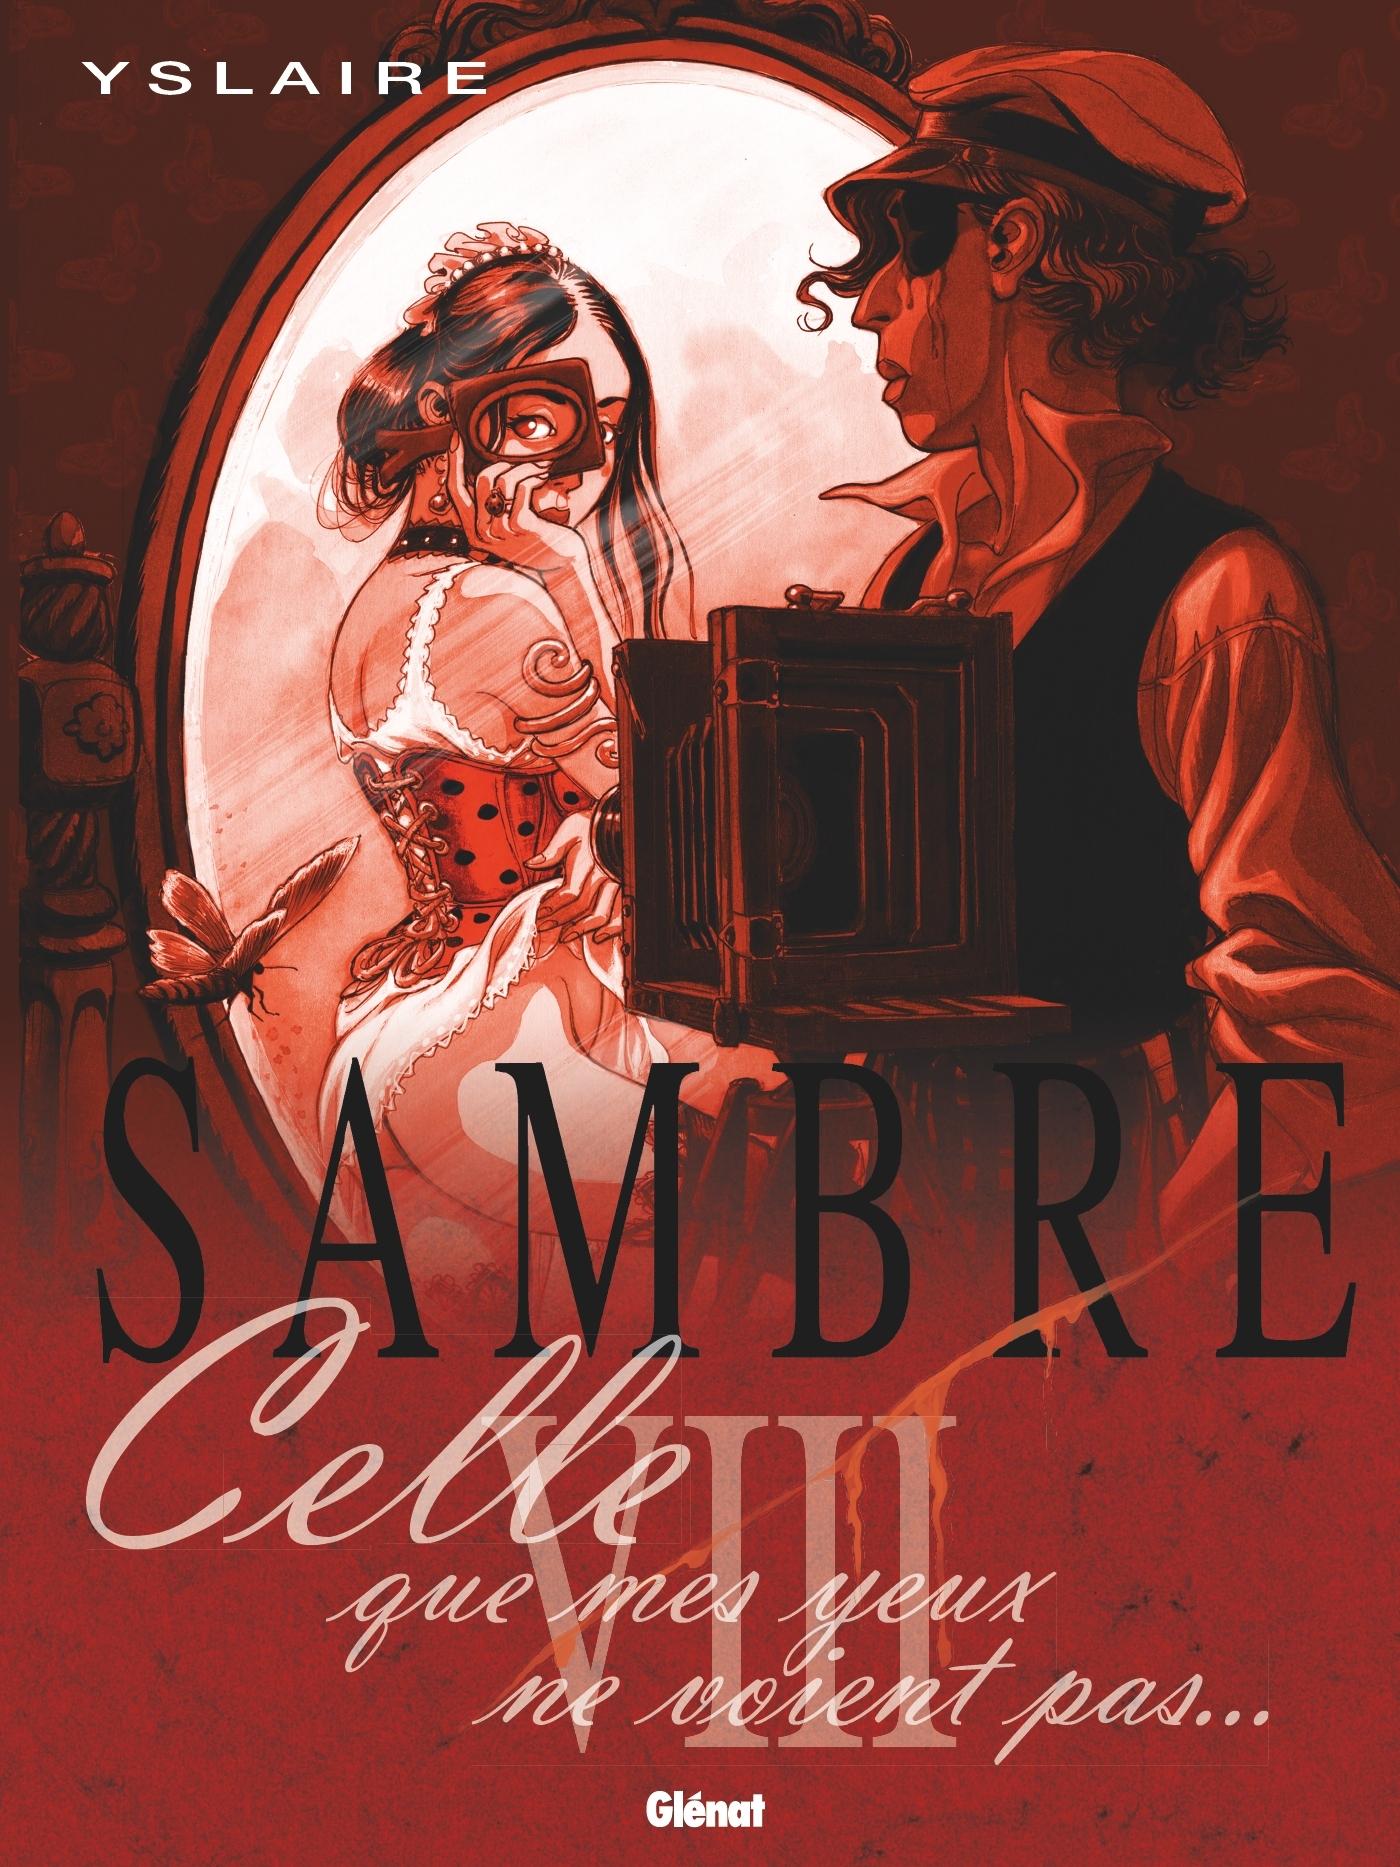 SAMBRE - TOME 08 - CELLE QUE MES YEUX NE VOIENT PAS...